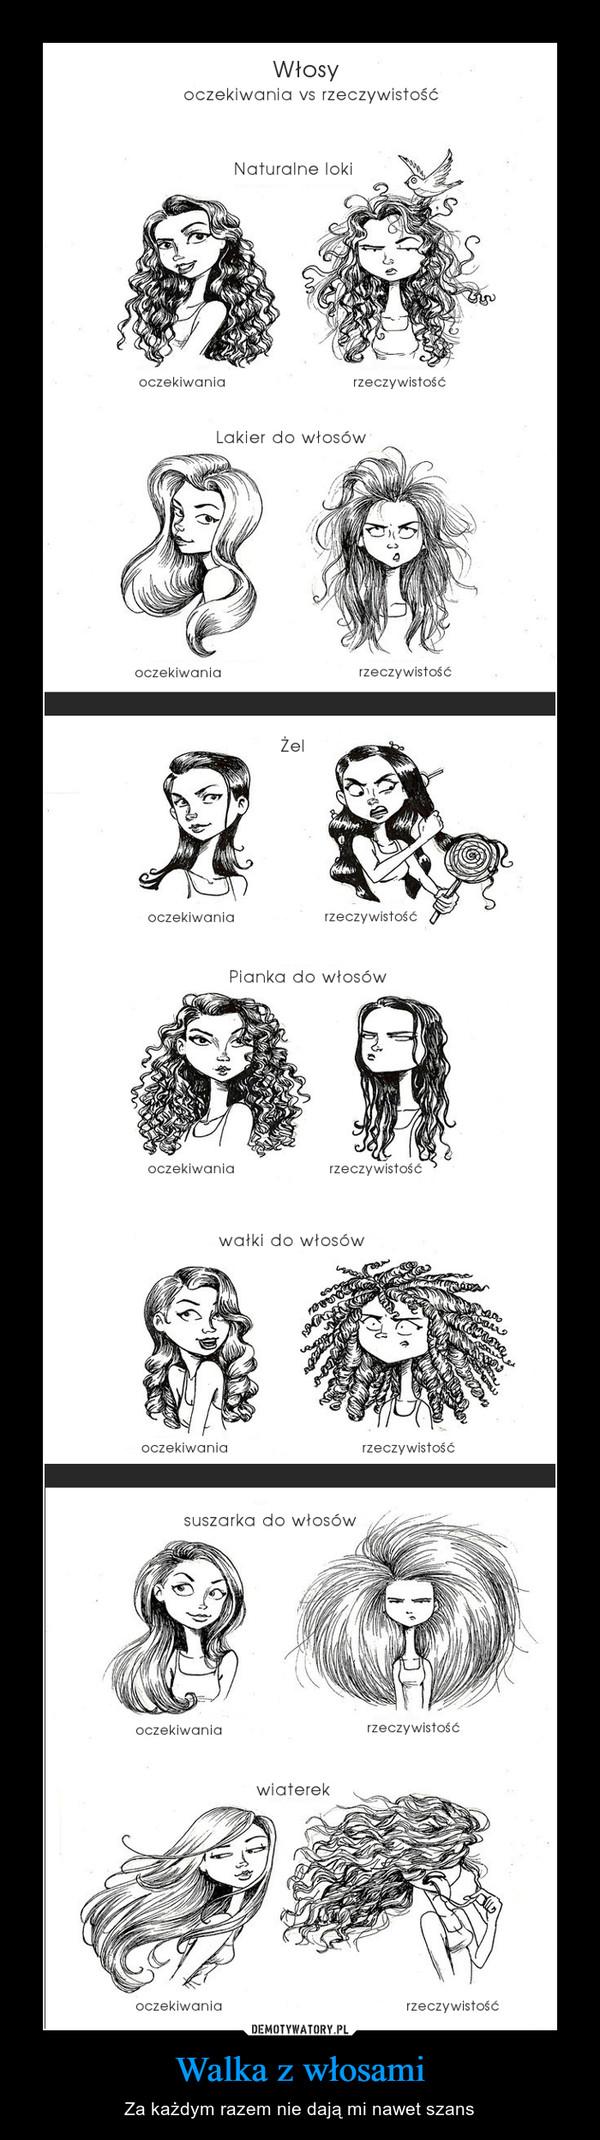 Walka z włosami – Za każdym razem nie dają mi nawet szans włosy oczekiwania vs. rzeczywistość